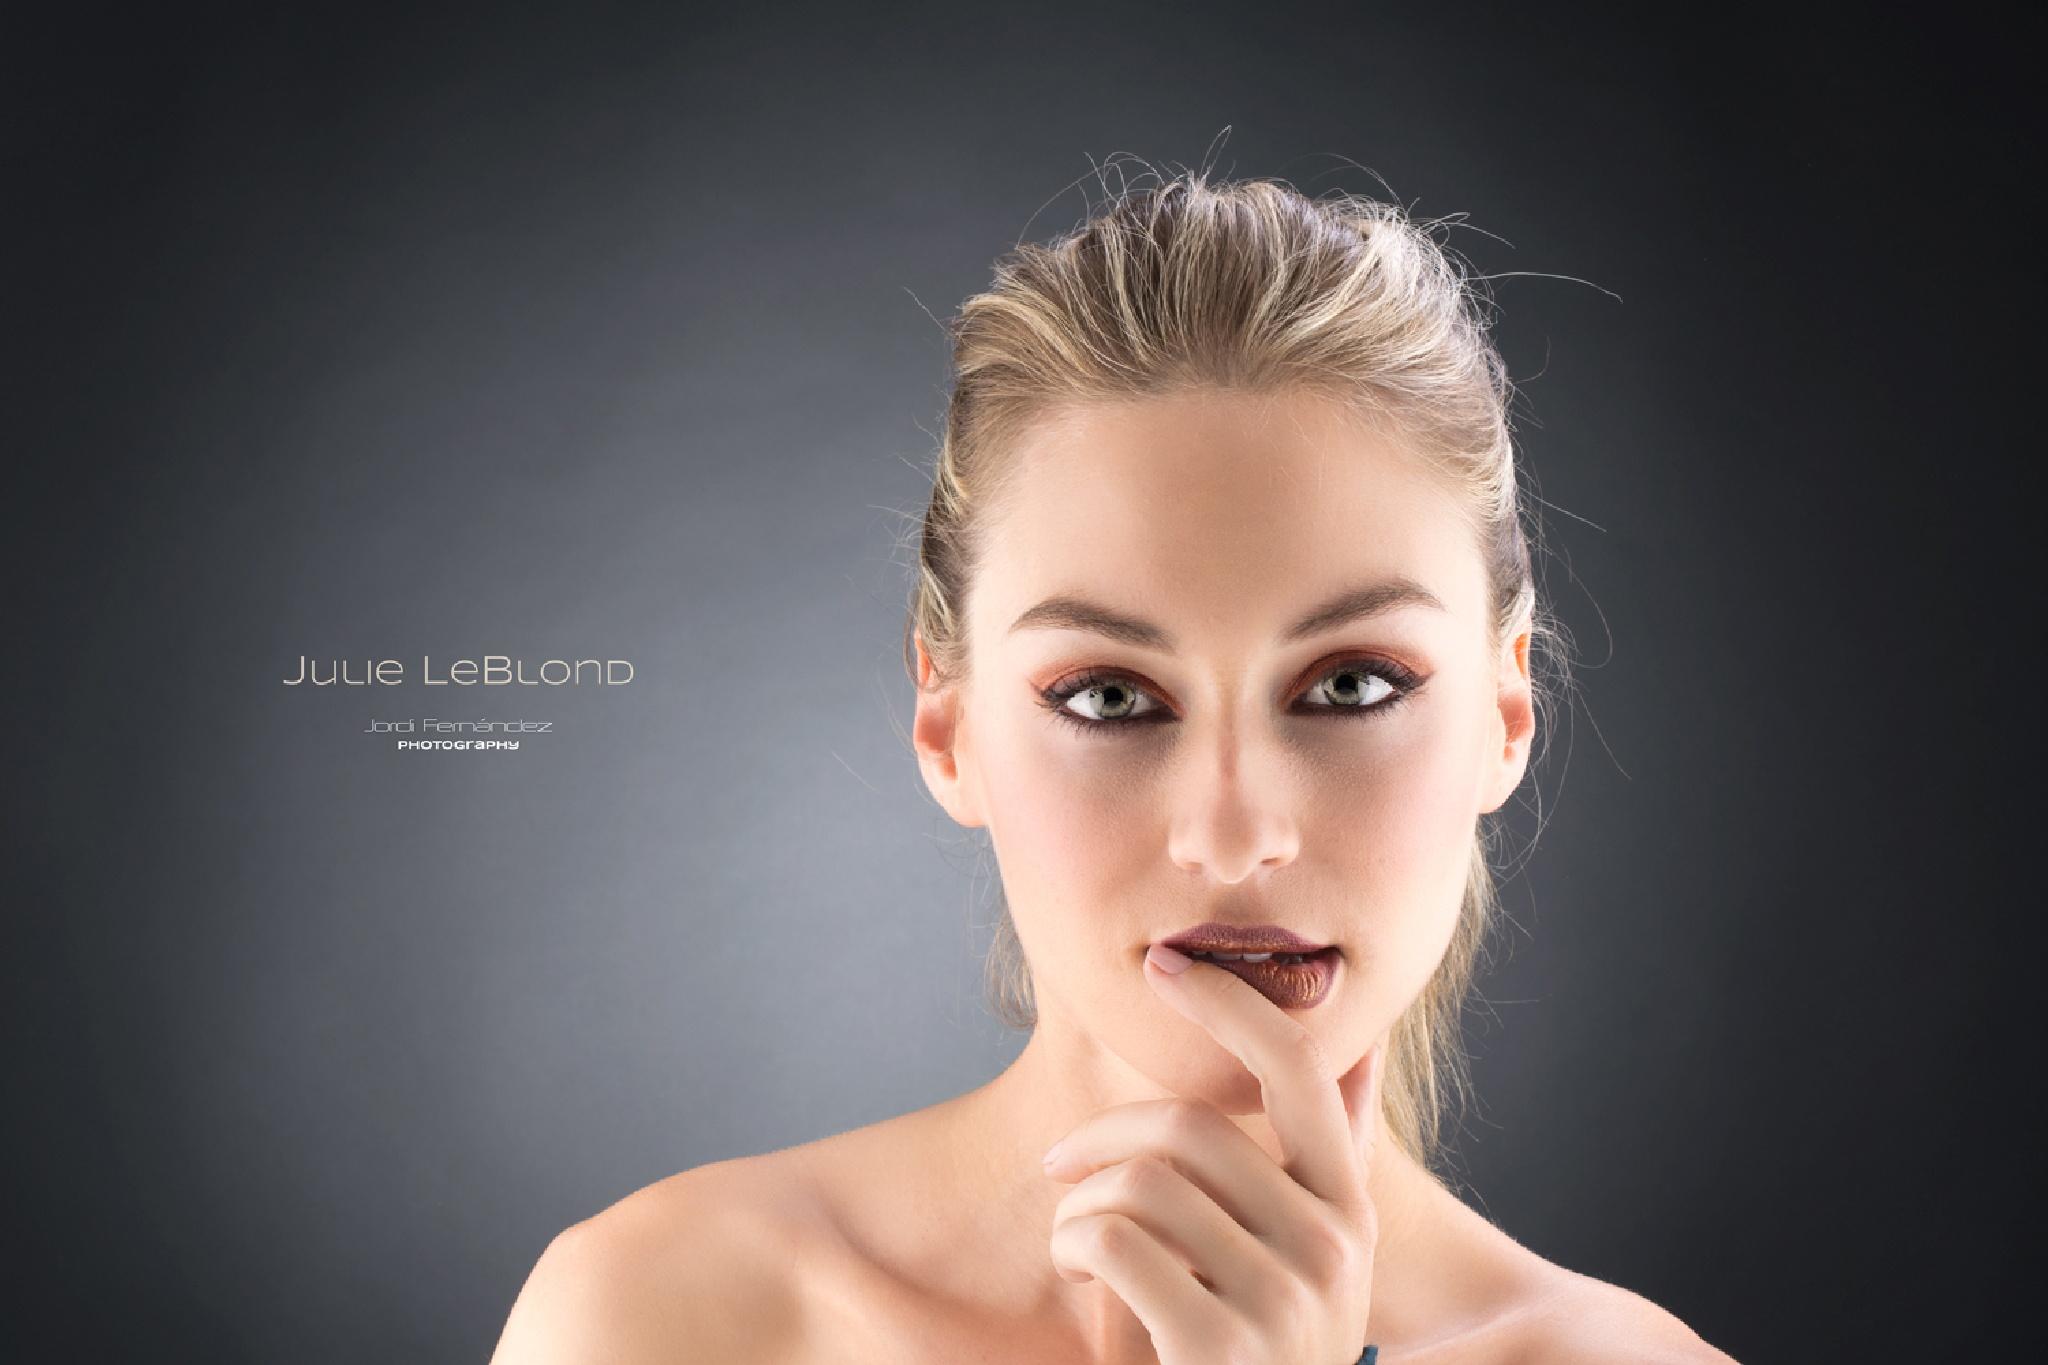 Julie LeBlond by Jordi Fernandez Torres